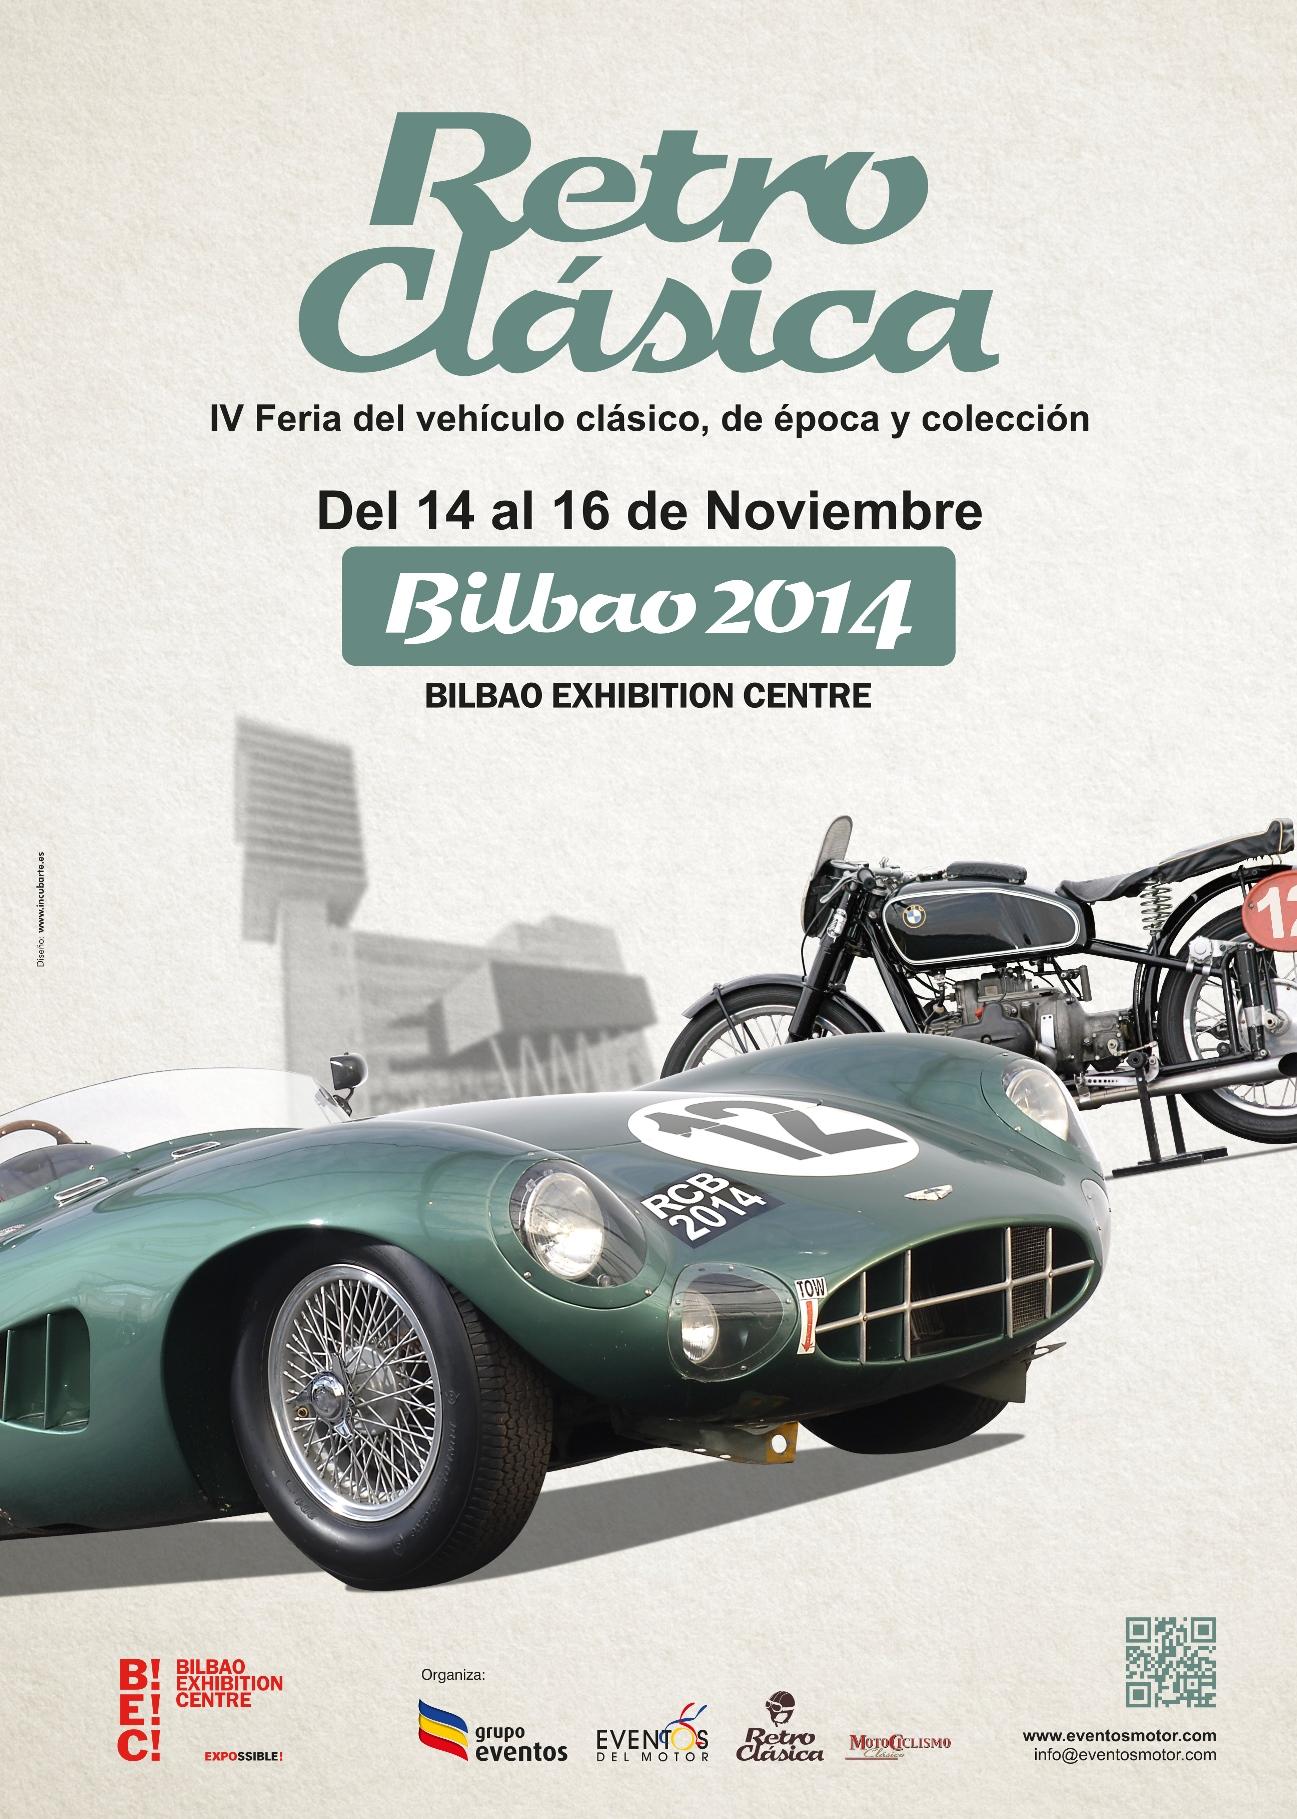 IV Retro Clásica Bilbao